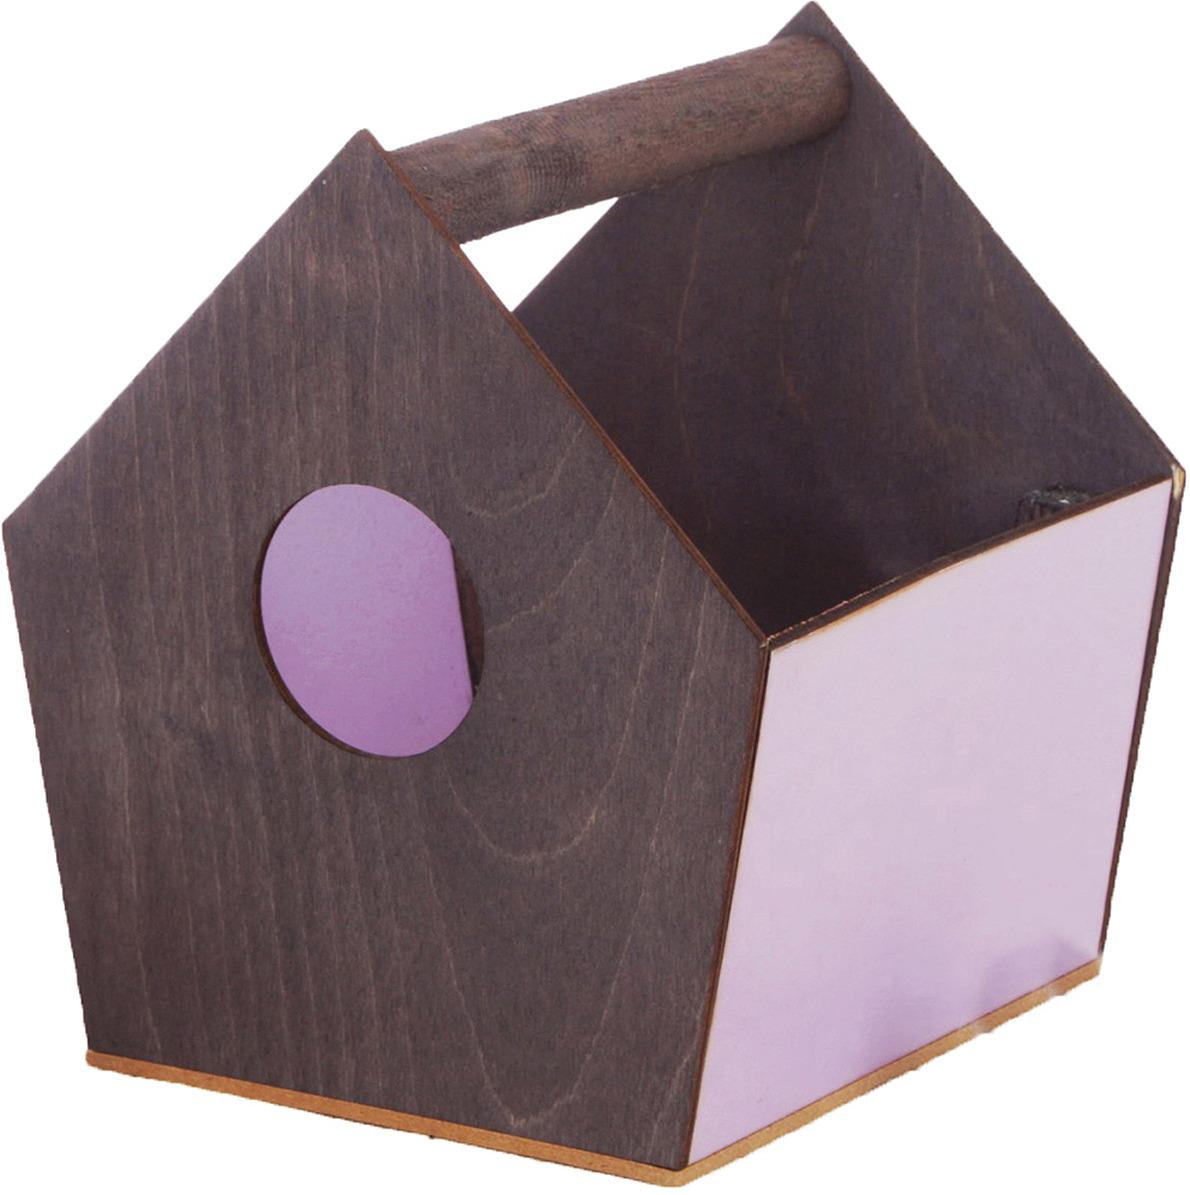 Кашпо садовое Дарите Счастье Ящик-скворечник, 3334621, серый, сиреневый, 15 х 16,5 х 18,5 см